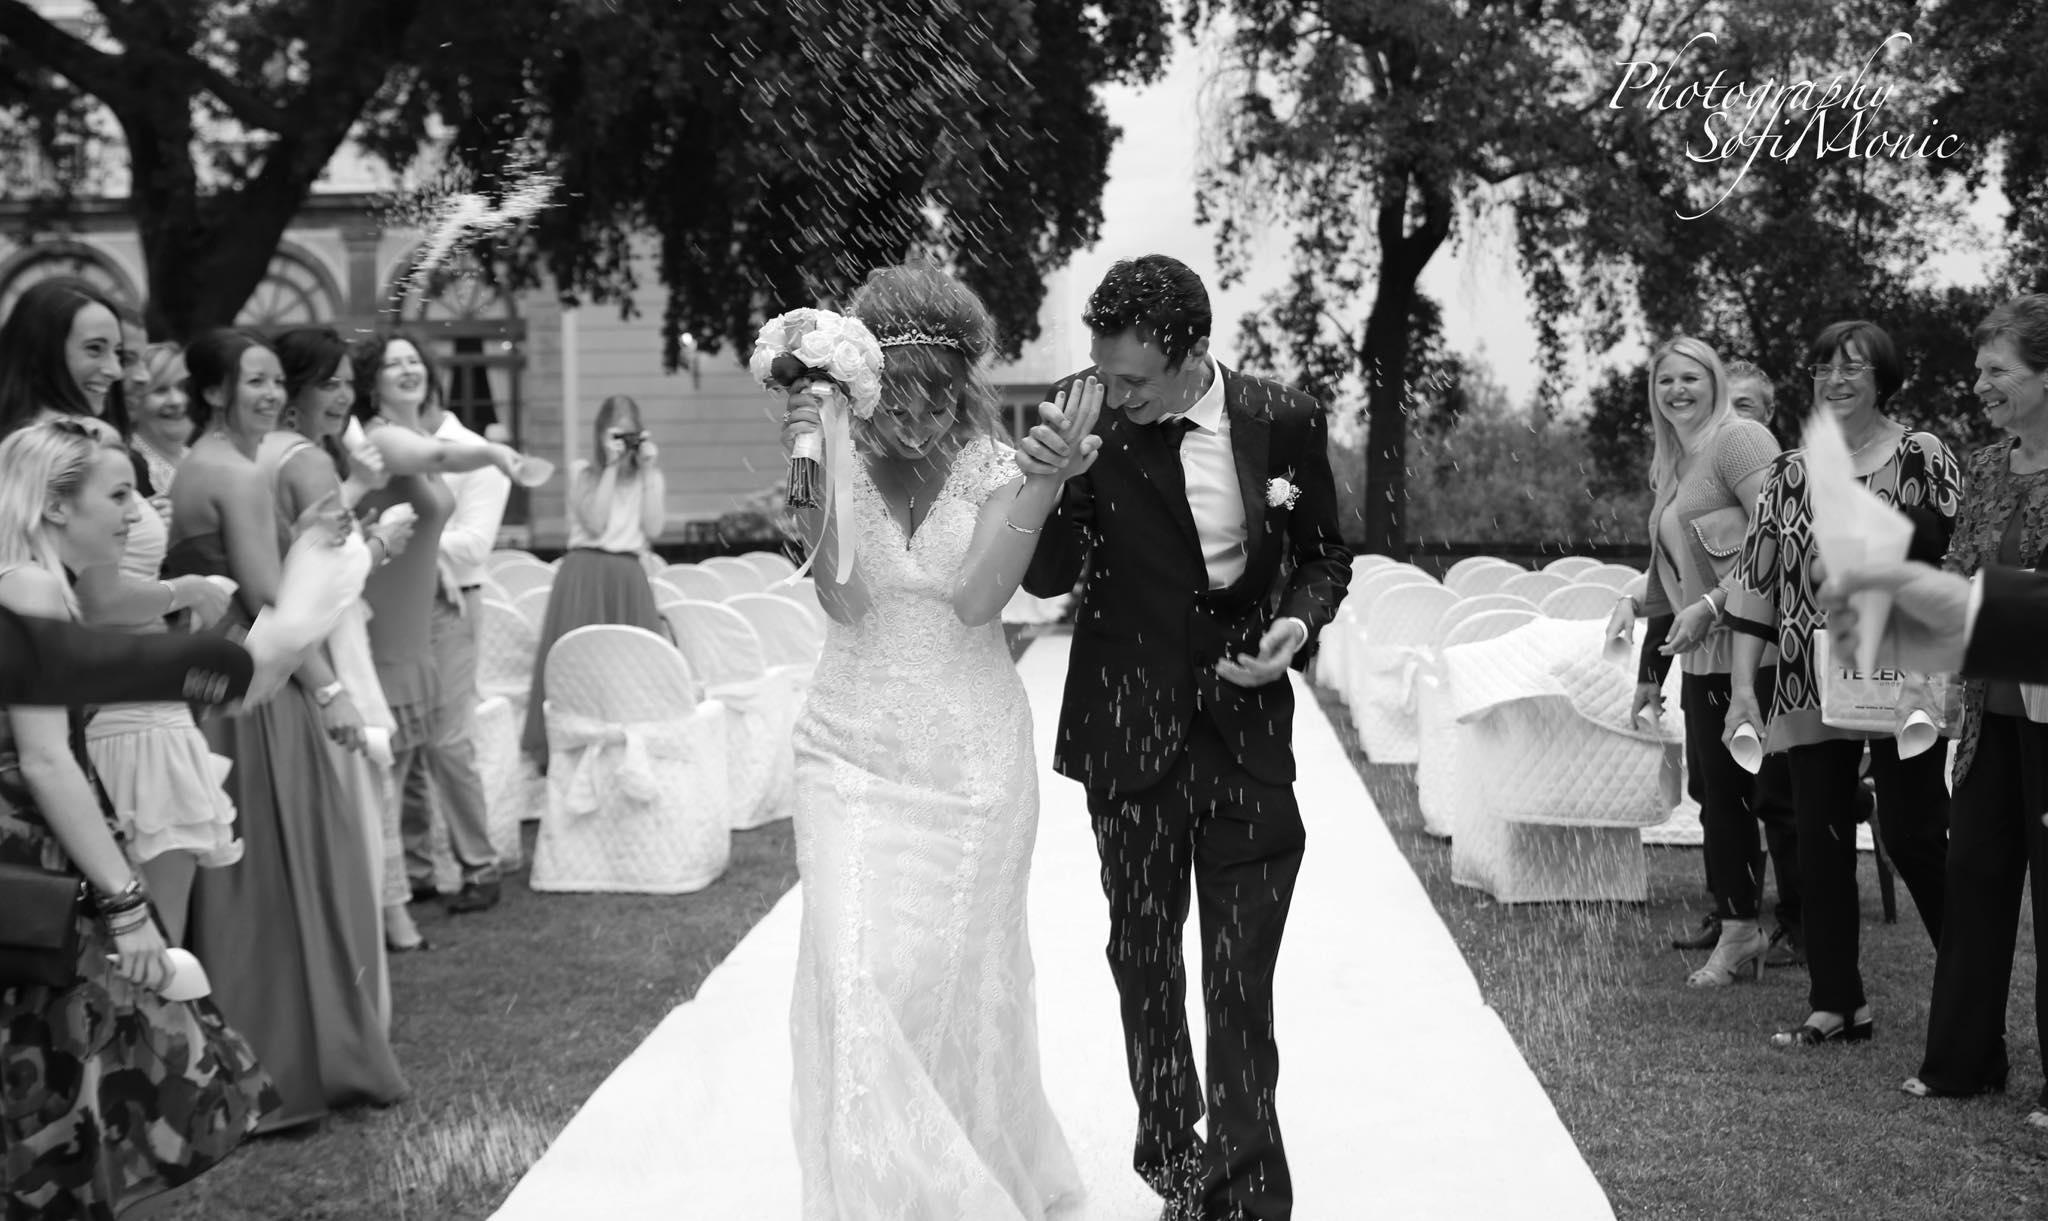 Фото 8 свадьба на вилле в Италии | Элеонора и Фабио | ведущая свадьбы в Италии - Катрин Моро